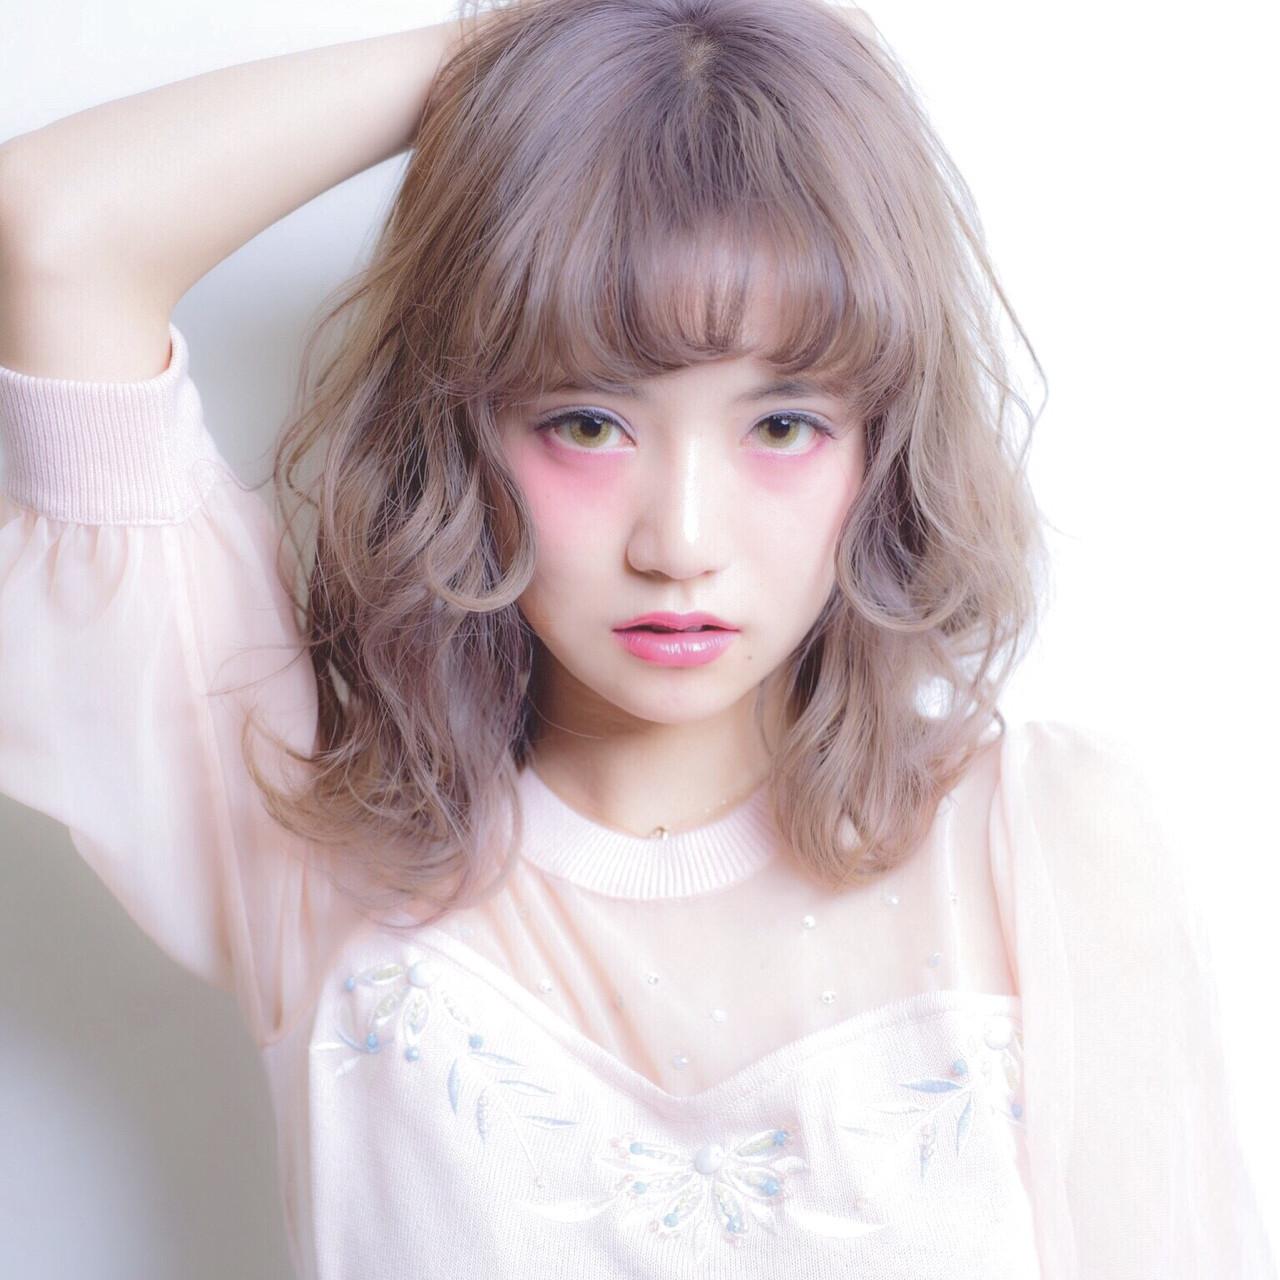 理想の長さにチェンジ♡ショートヘア×エクステでなりたい私♡の10枚目の画像